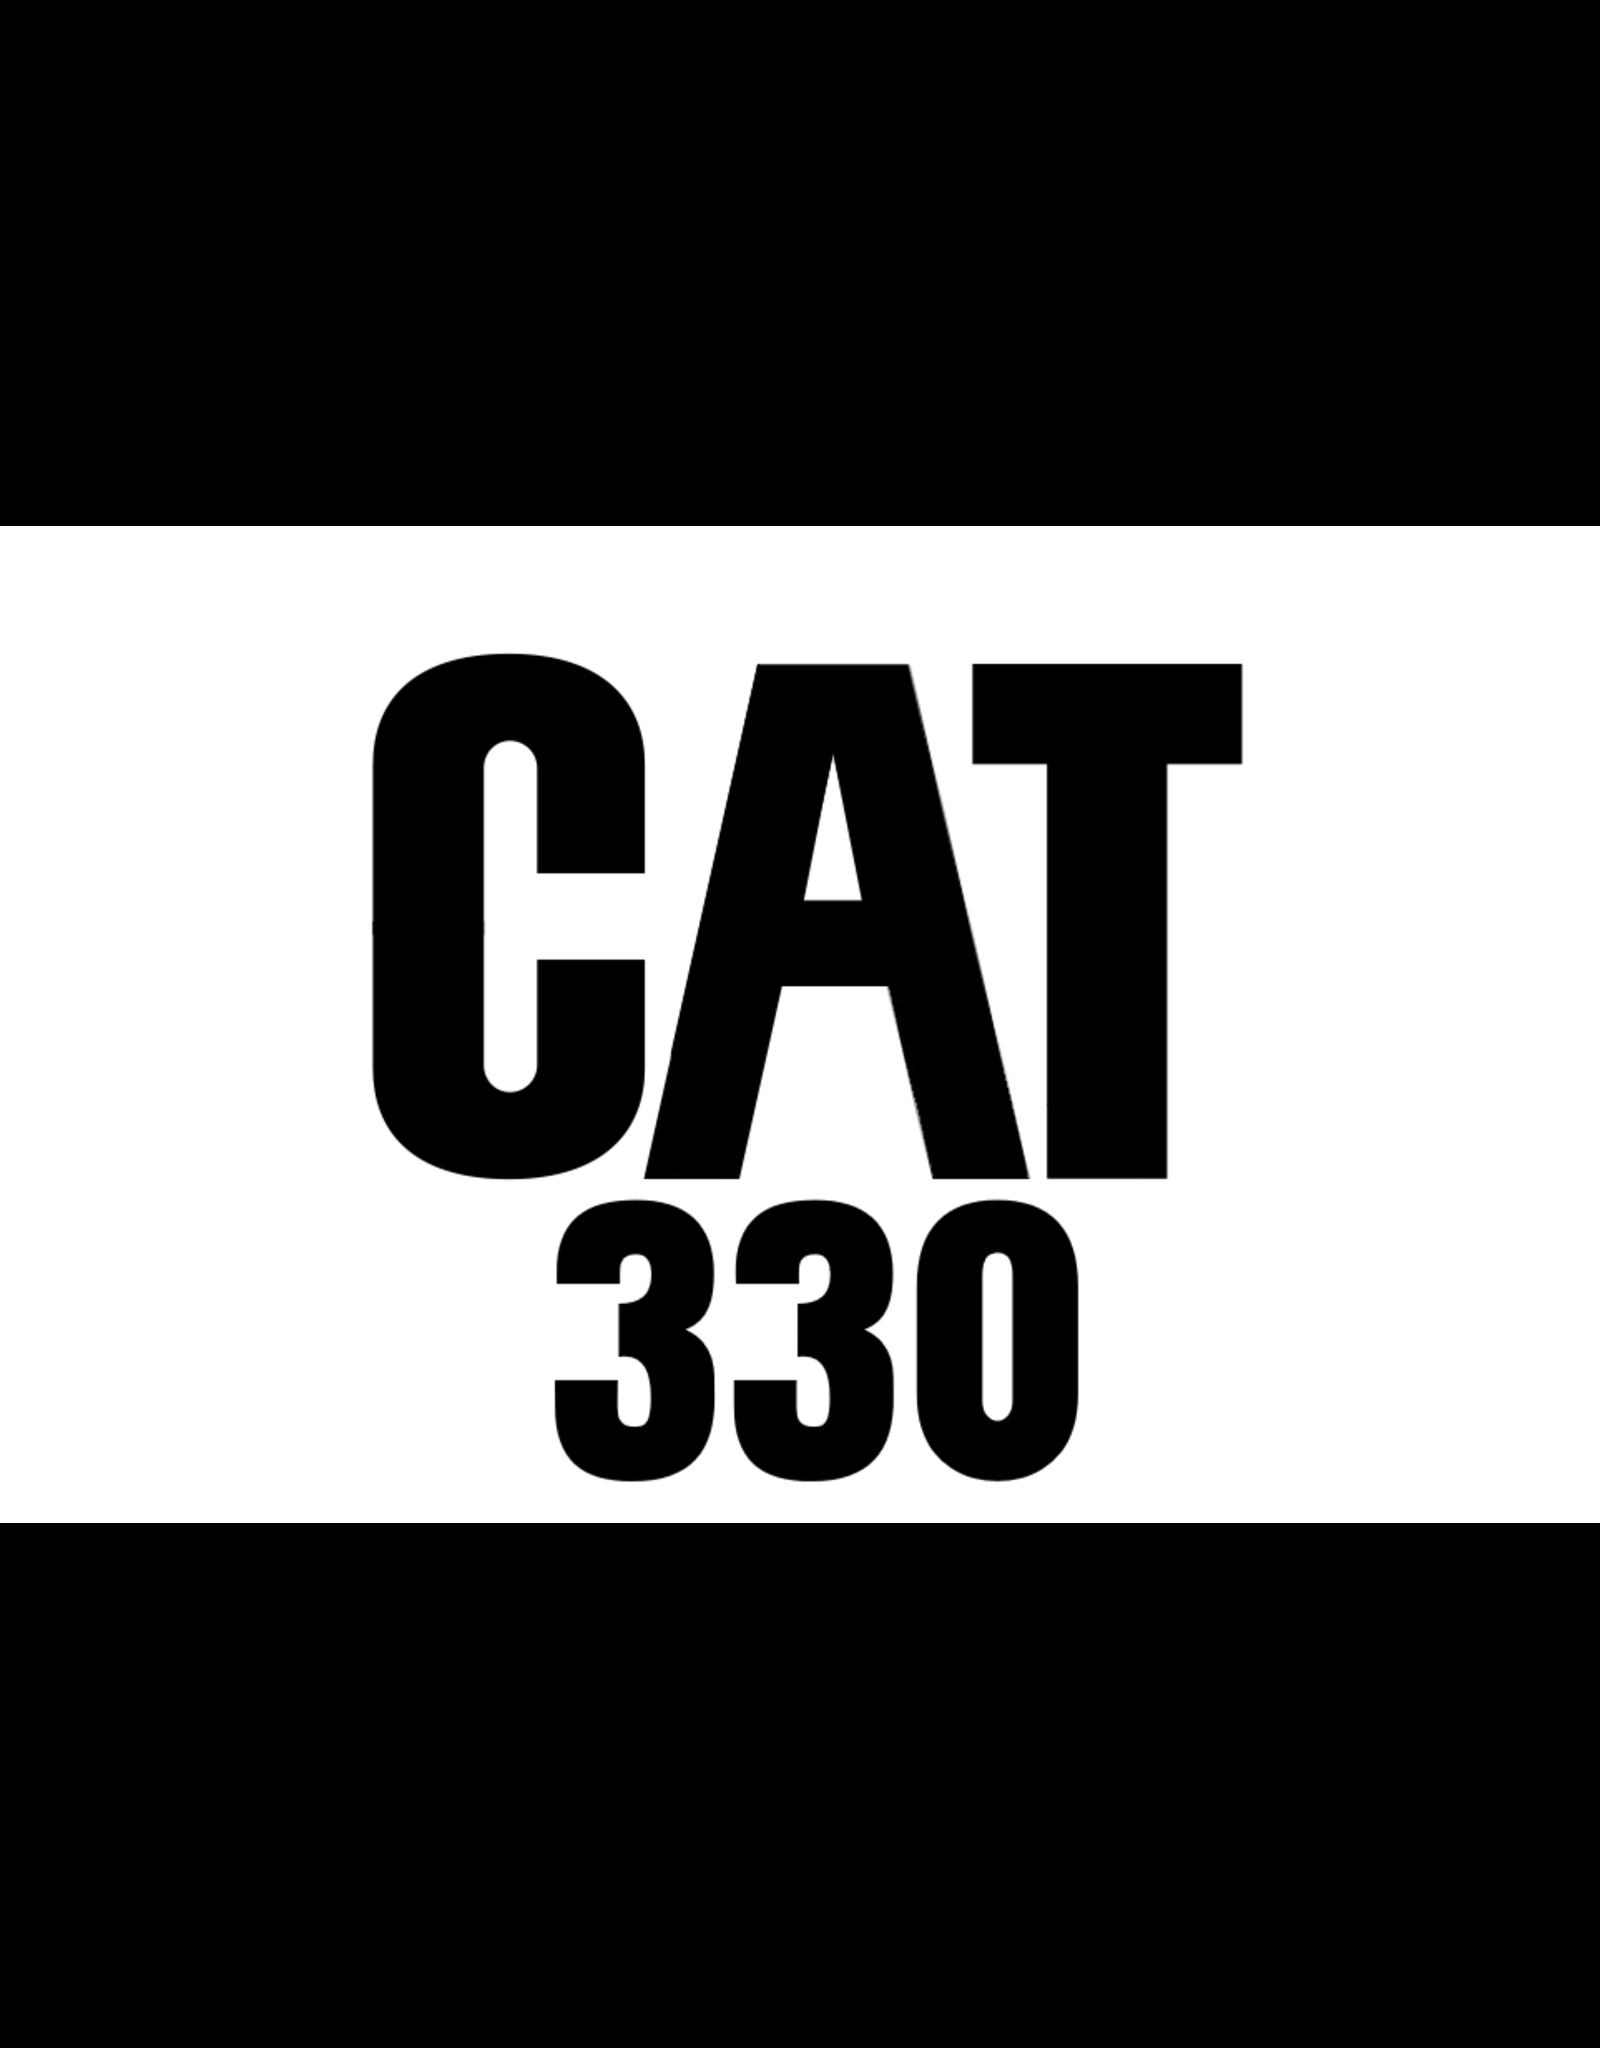 Echle Hartstahl GmbH FOPS pour CAT 330